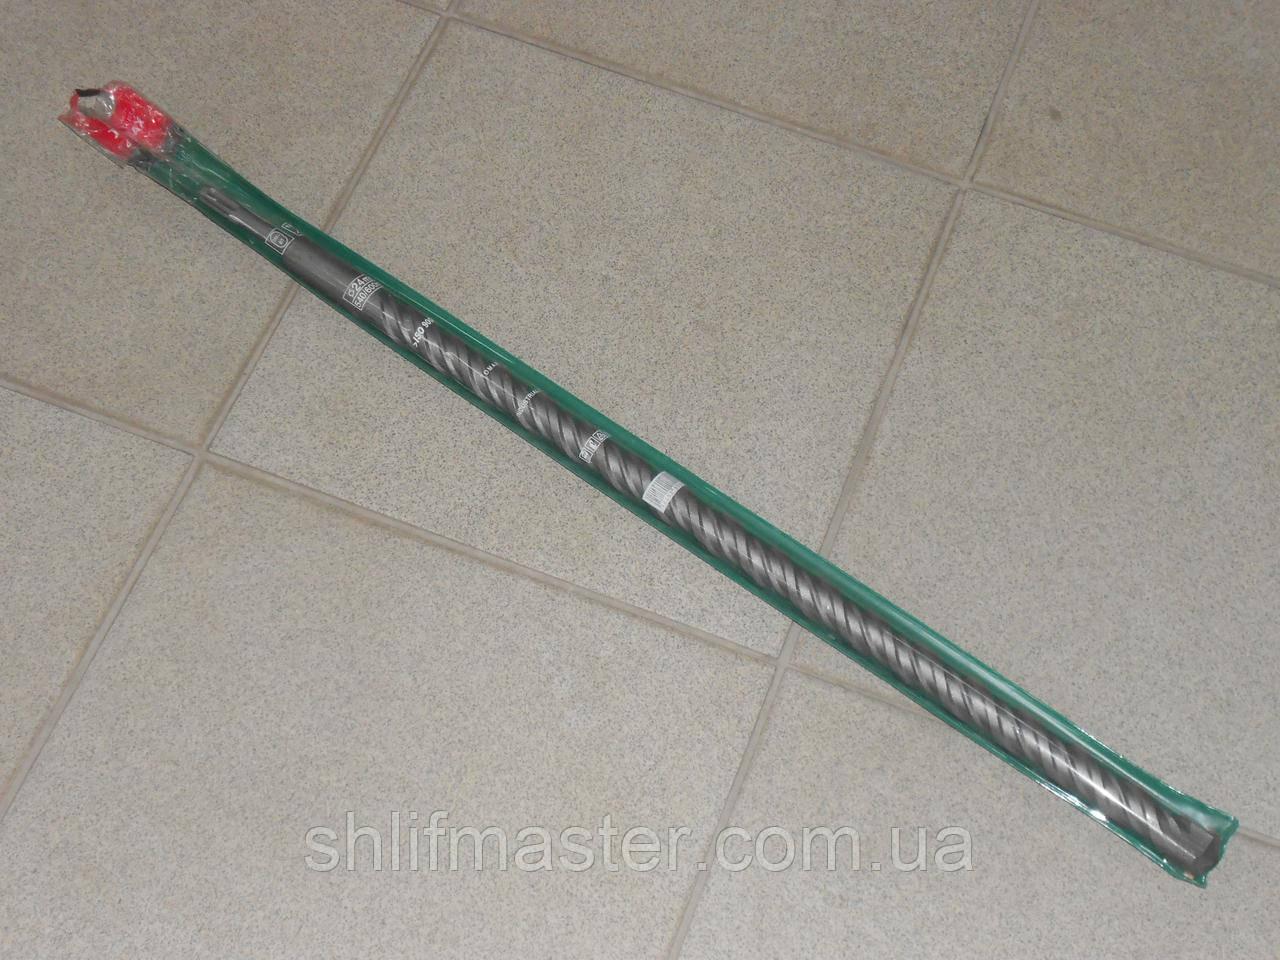 Бур (сверло) по бетону SDS plus Tomax 24х450 мм